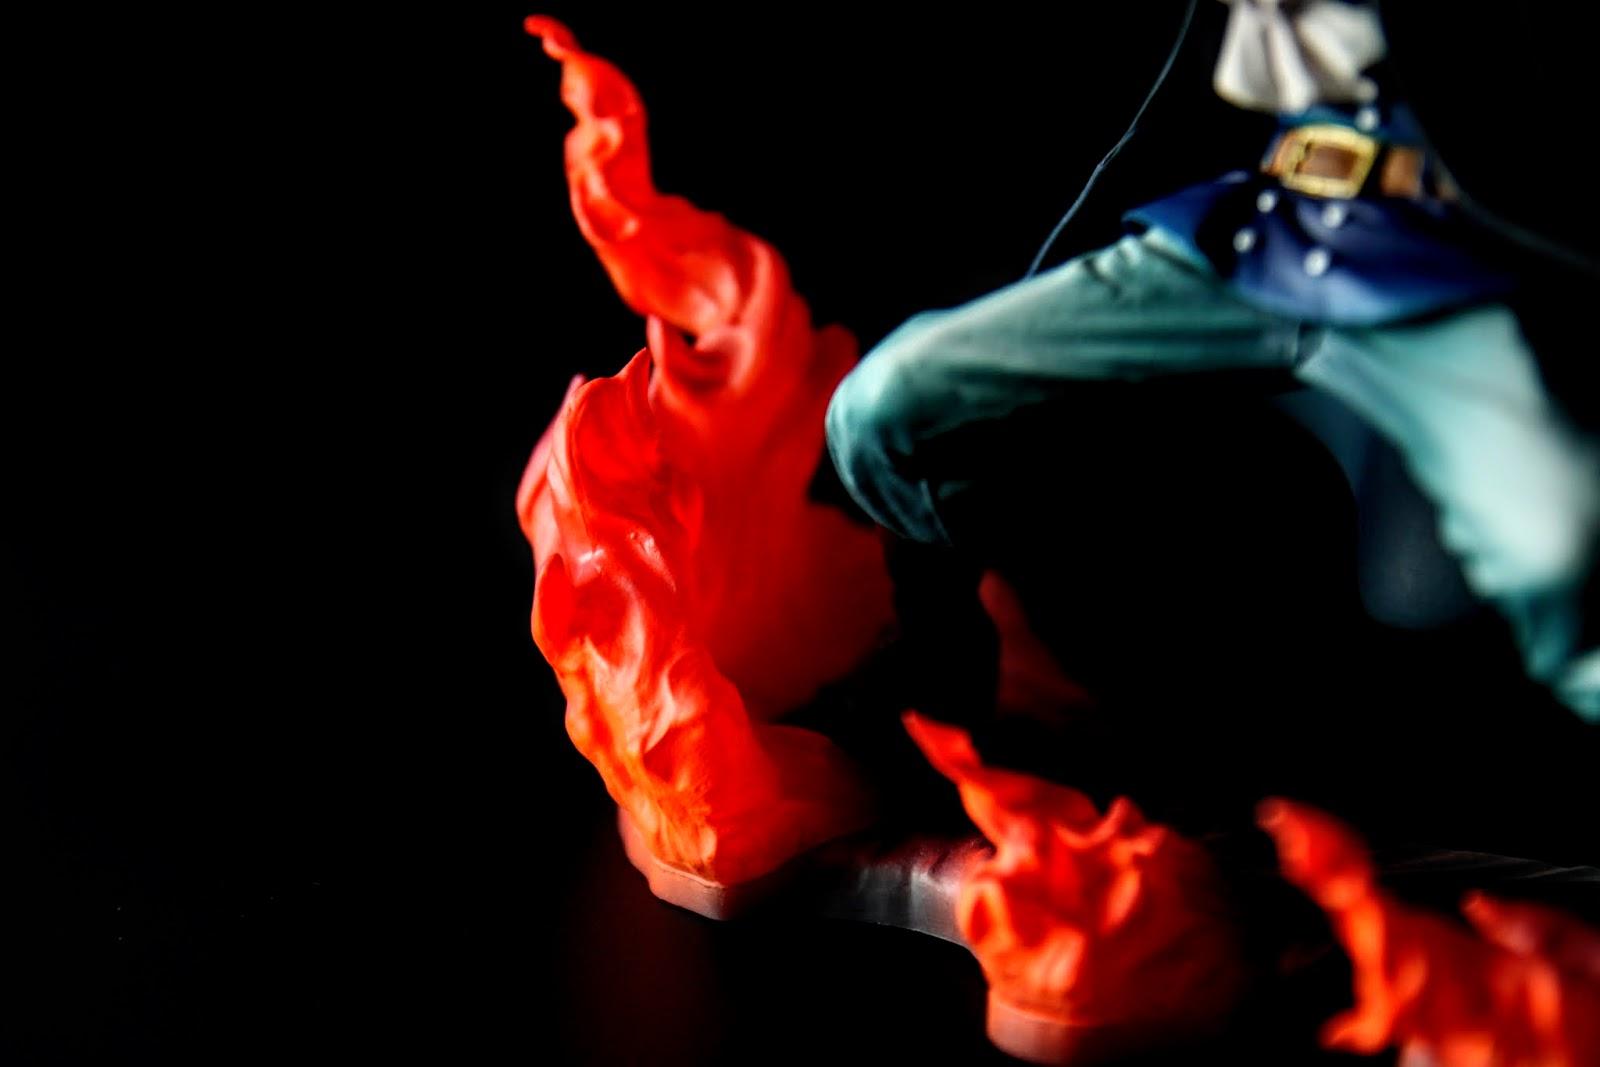 吃了艾斯的燒燒果實, 繼承艾斯的意志及能力